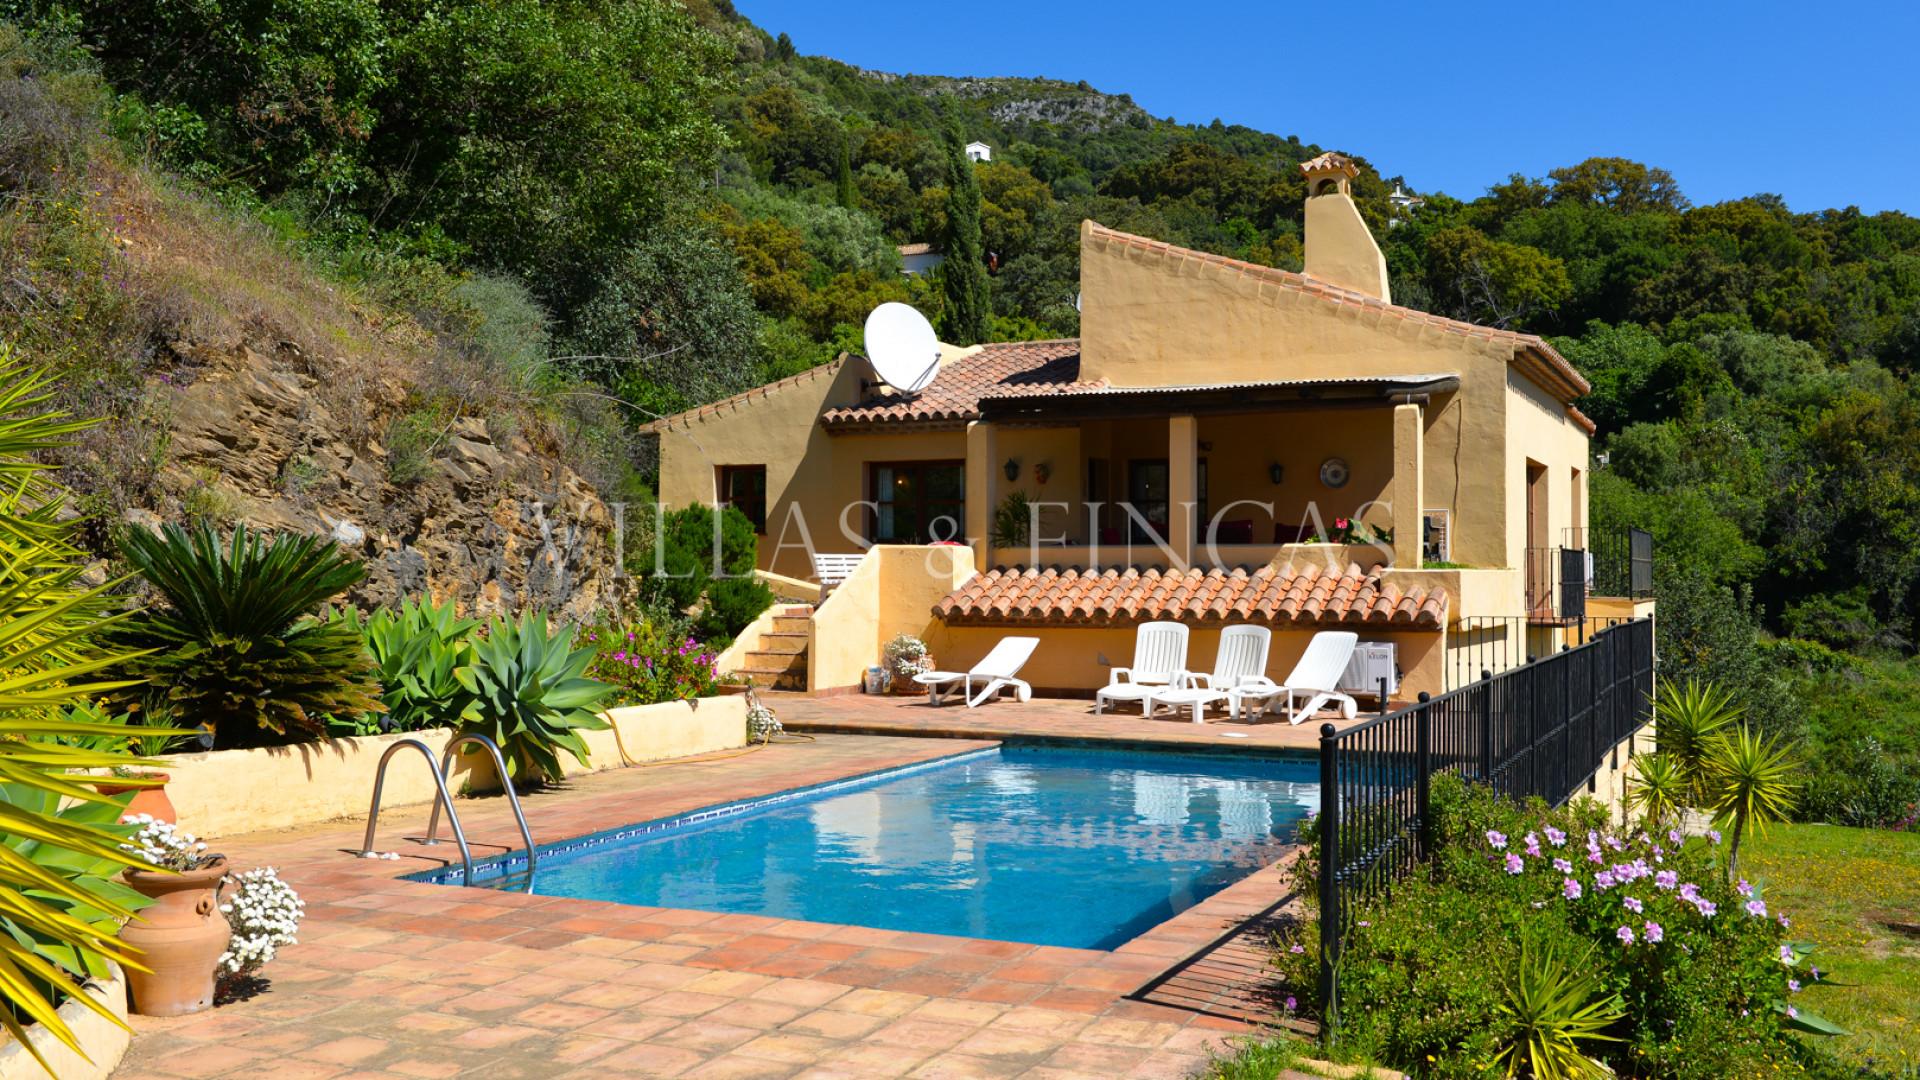 Luxe villa 39 s en landhuizen te koop in andalusie spanje - Corredores de fincas rusticas ...